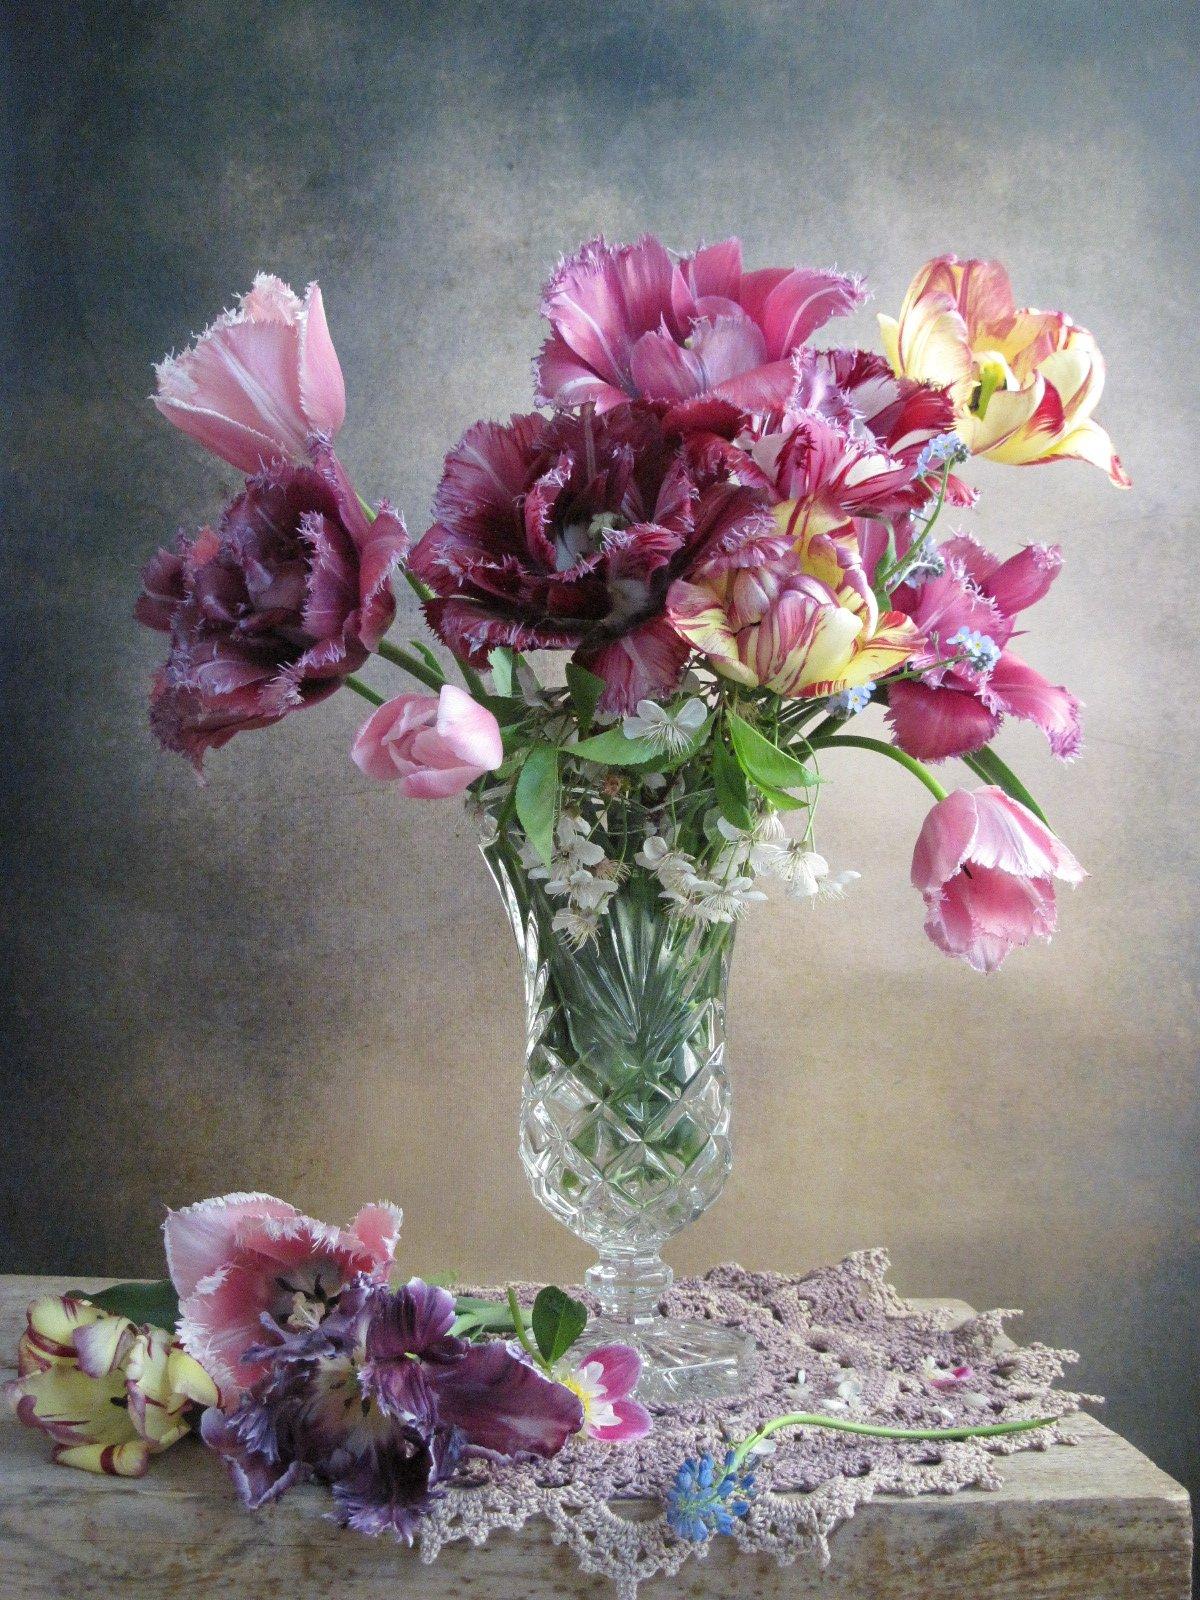 цветы, букет,, тюльпаны, вишня, ваза, хрусталь, салфетка, Тихомирова Наталия